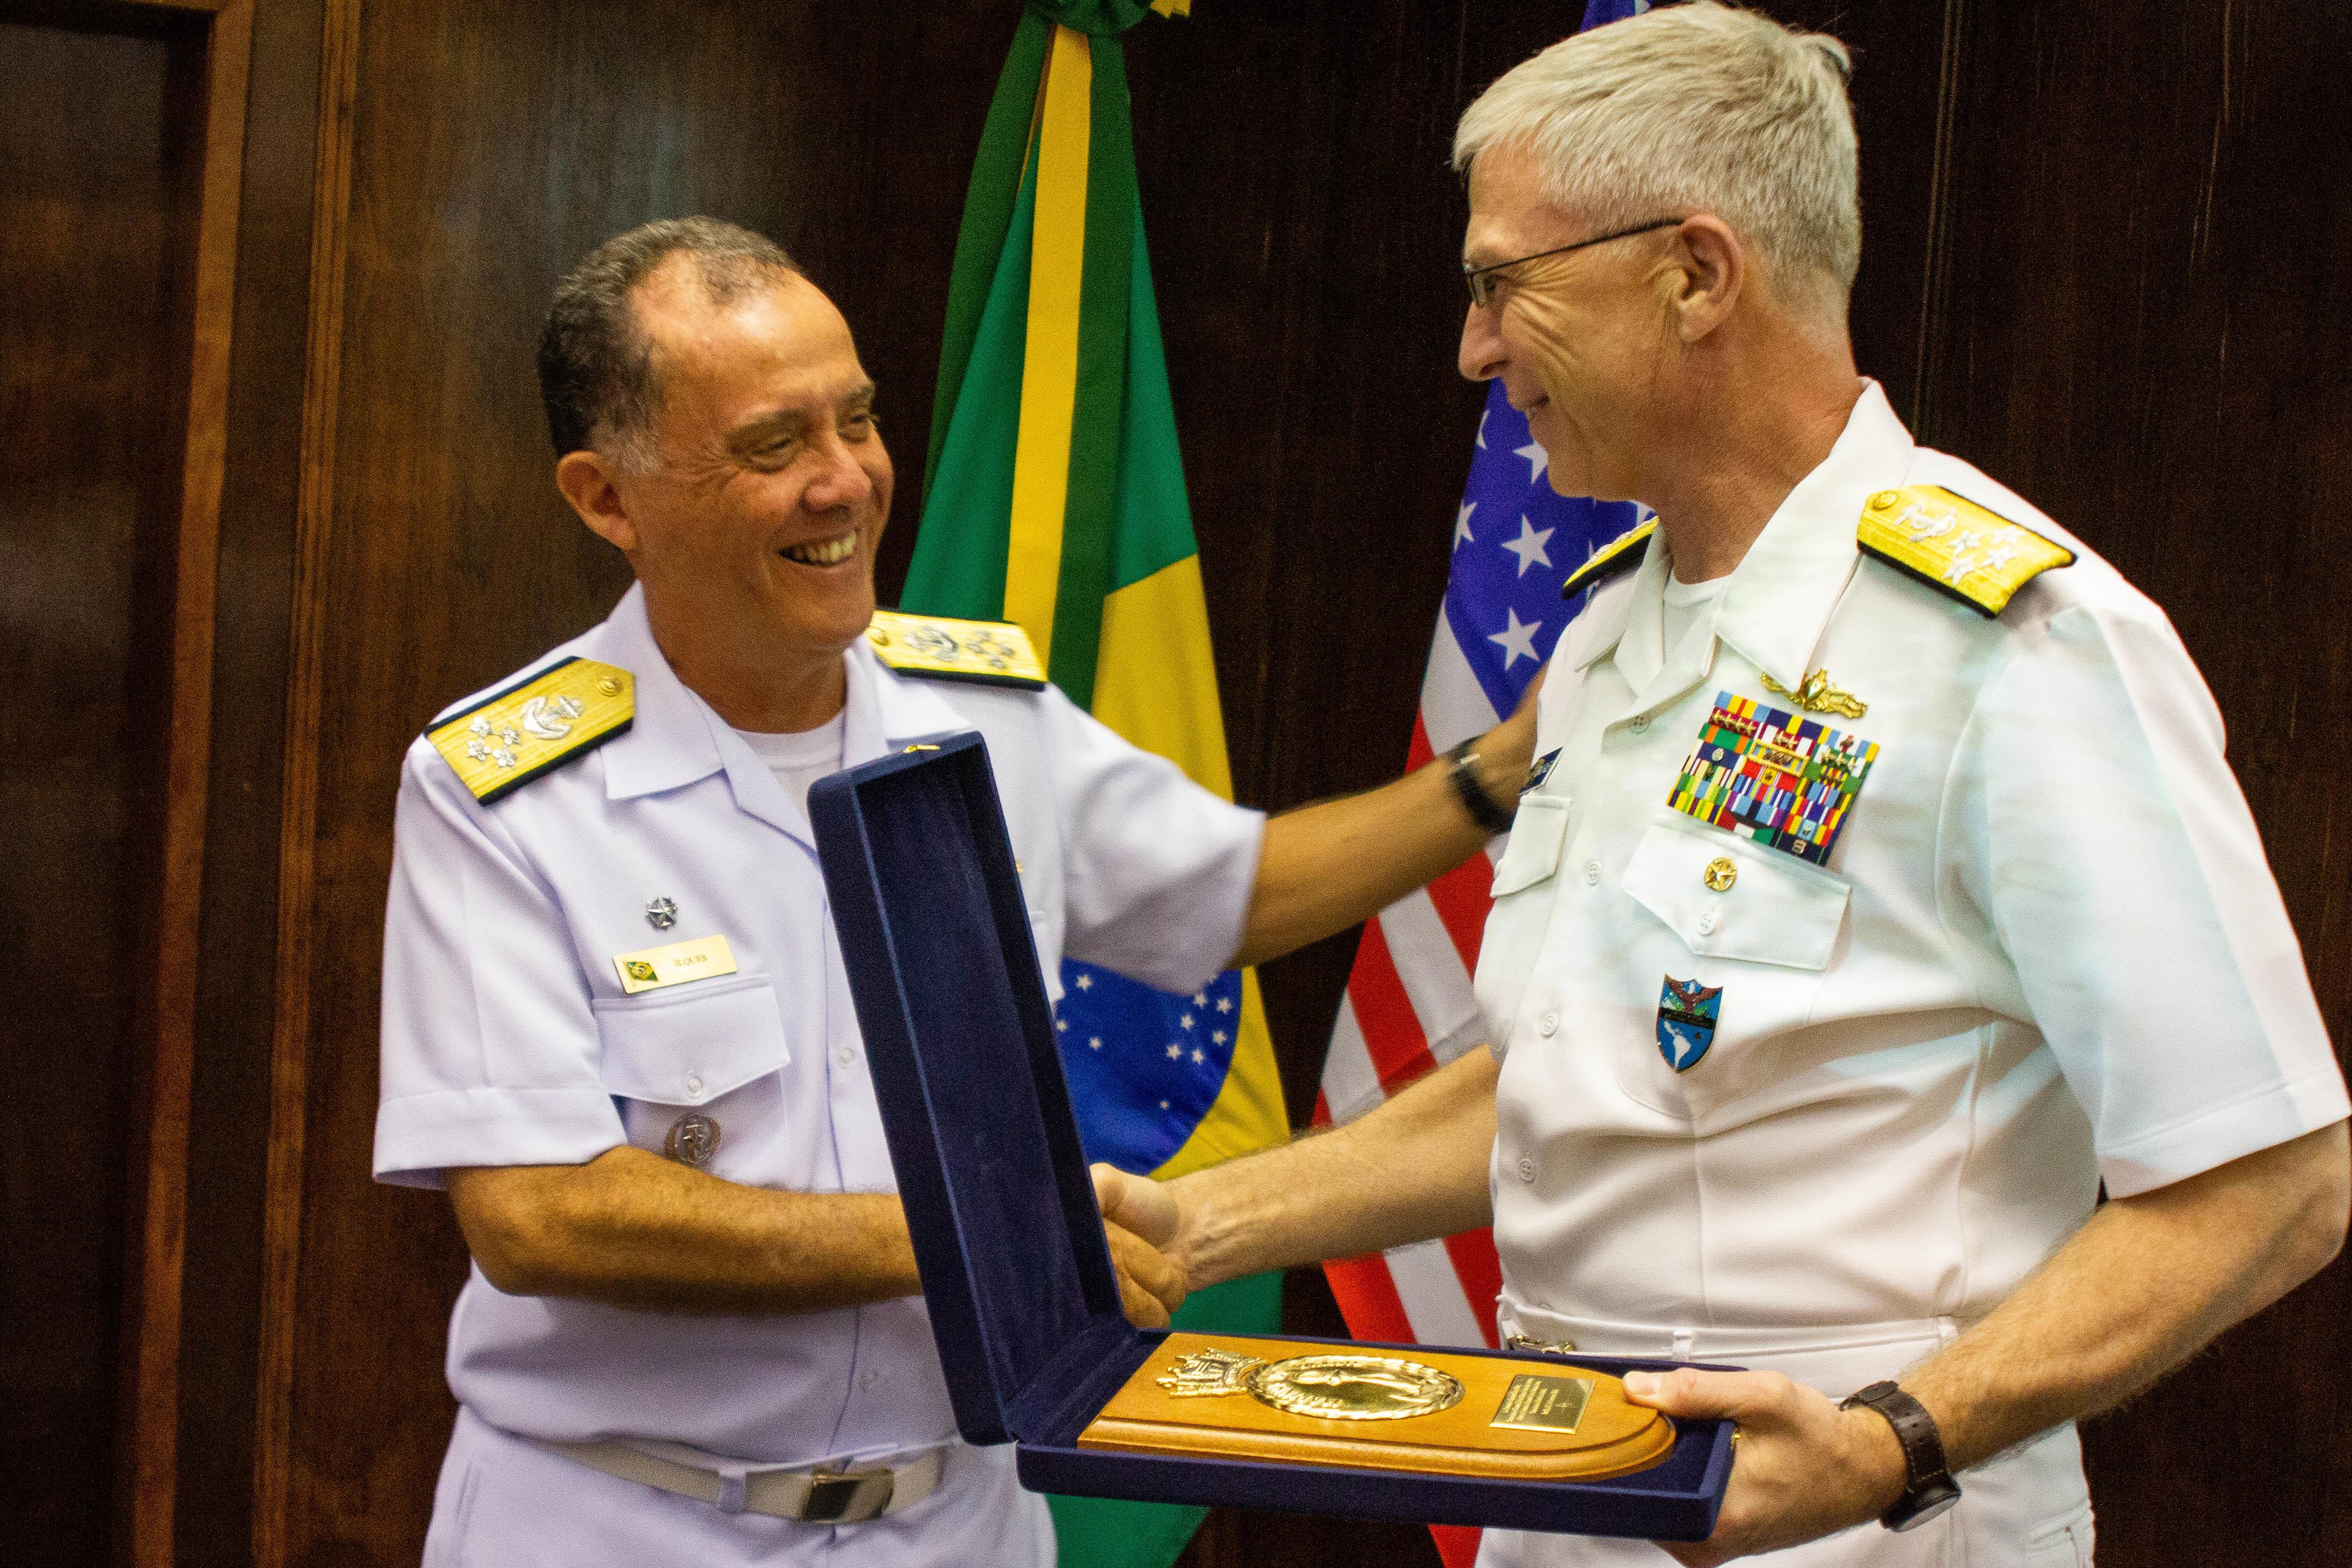 El Jefe del Comando Sur de Estados Unidos, el almirante Craig Faller, durante su visita a Brasil - febrero 2019